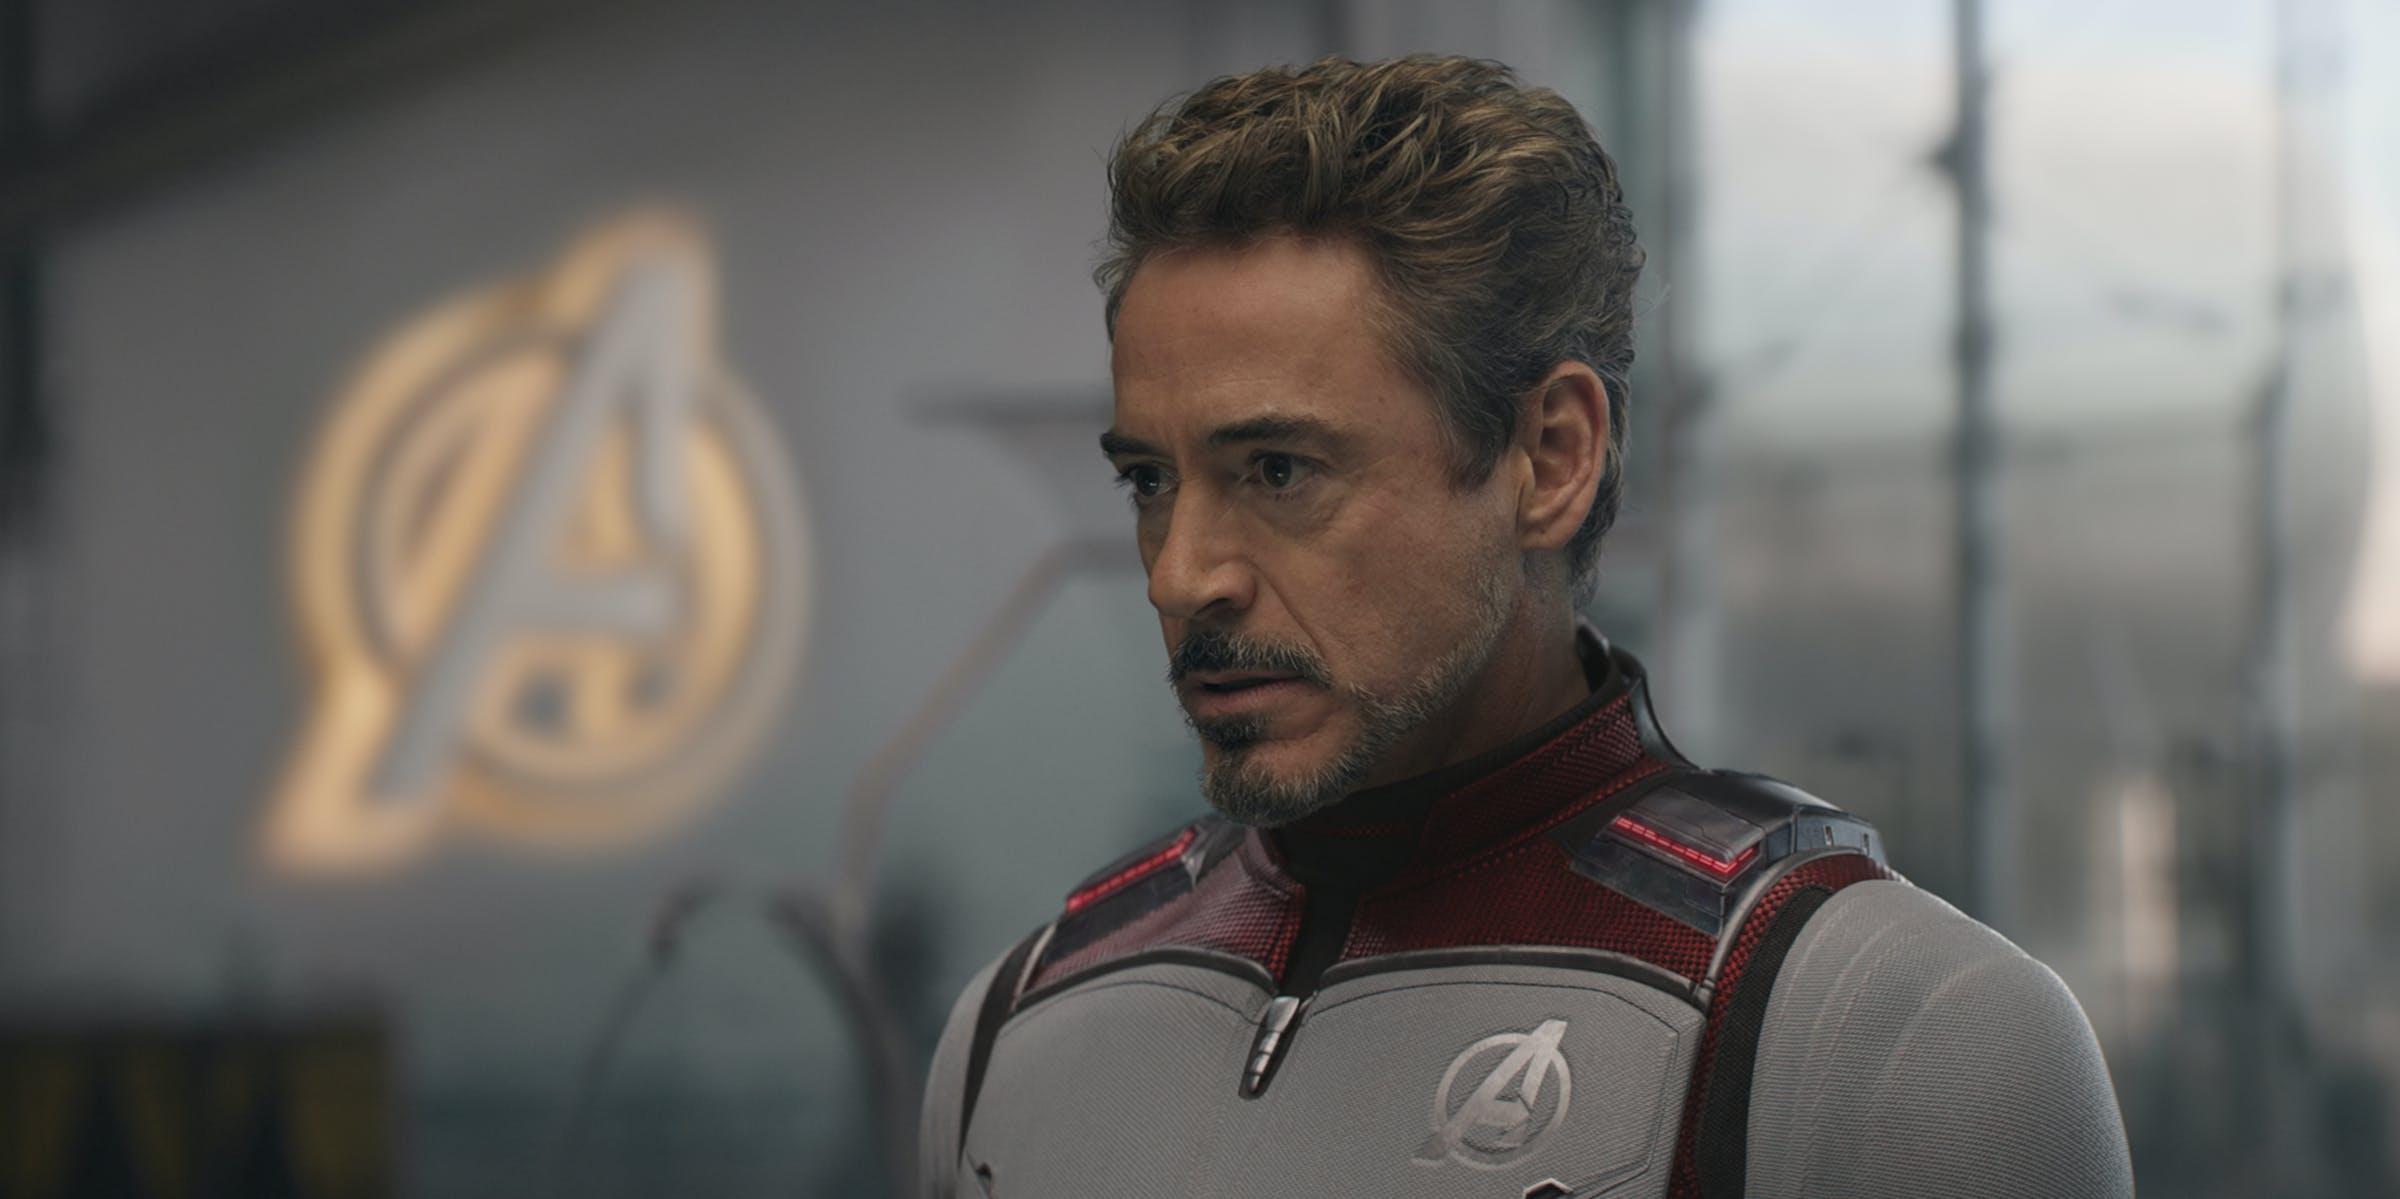 Avengers Endgame Tony Stark Marvel Studios